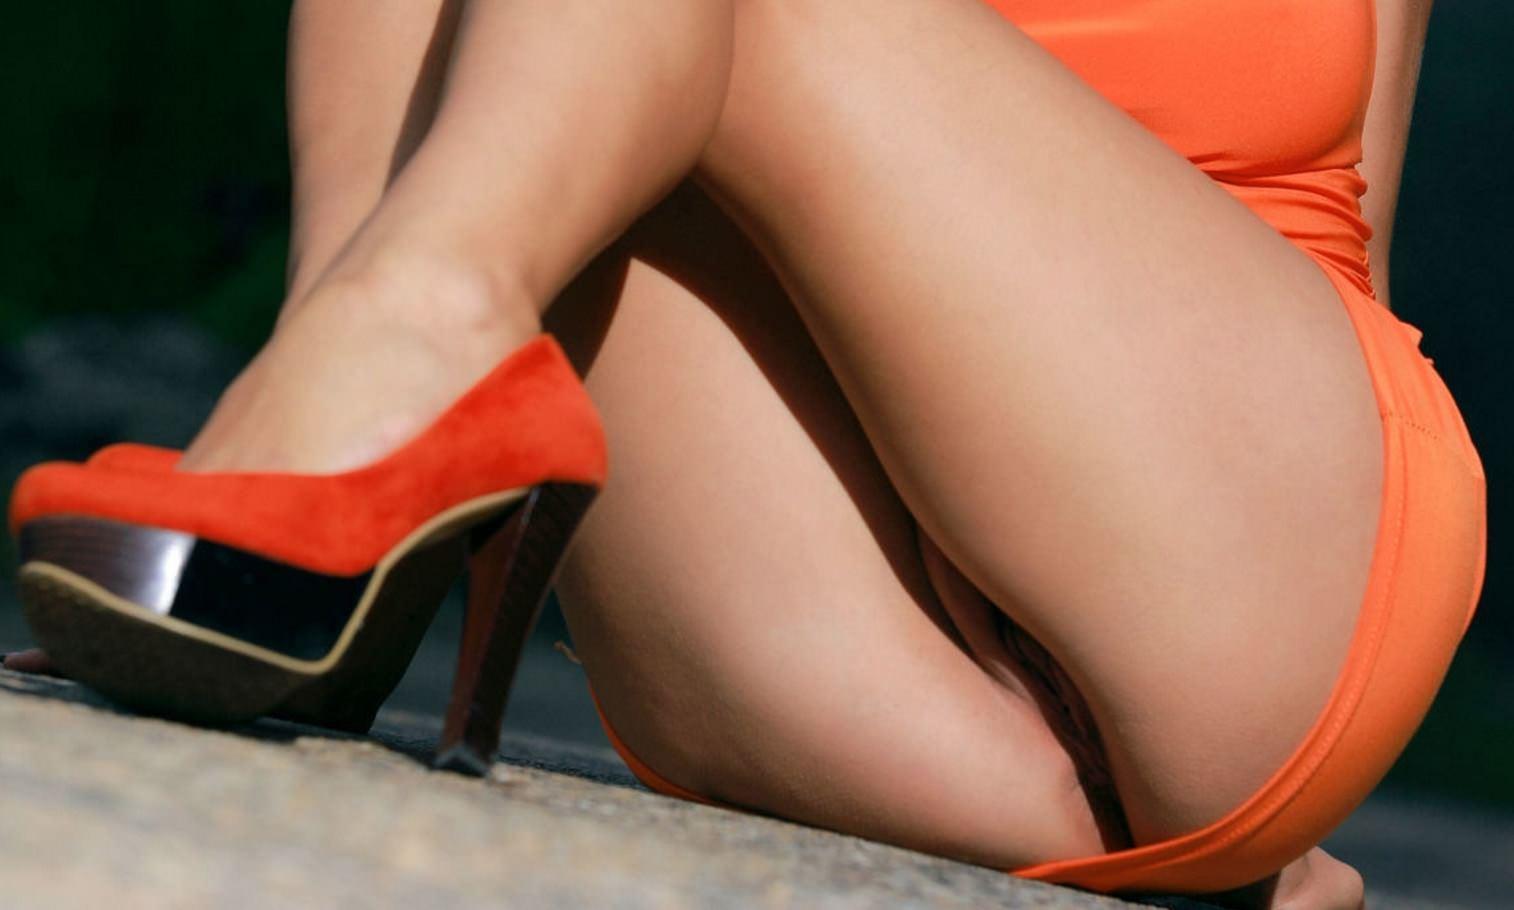 Фото Сексуальные ляжки, девушка в оранжевом платье без трусиков села на асфальт, каблуки, пися, попа на полу, сладкая пизда, скачать картинку бесплатно